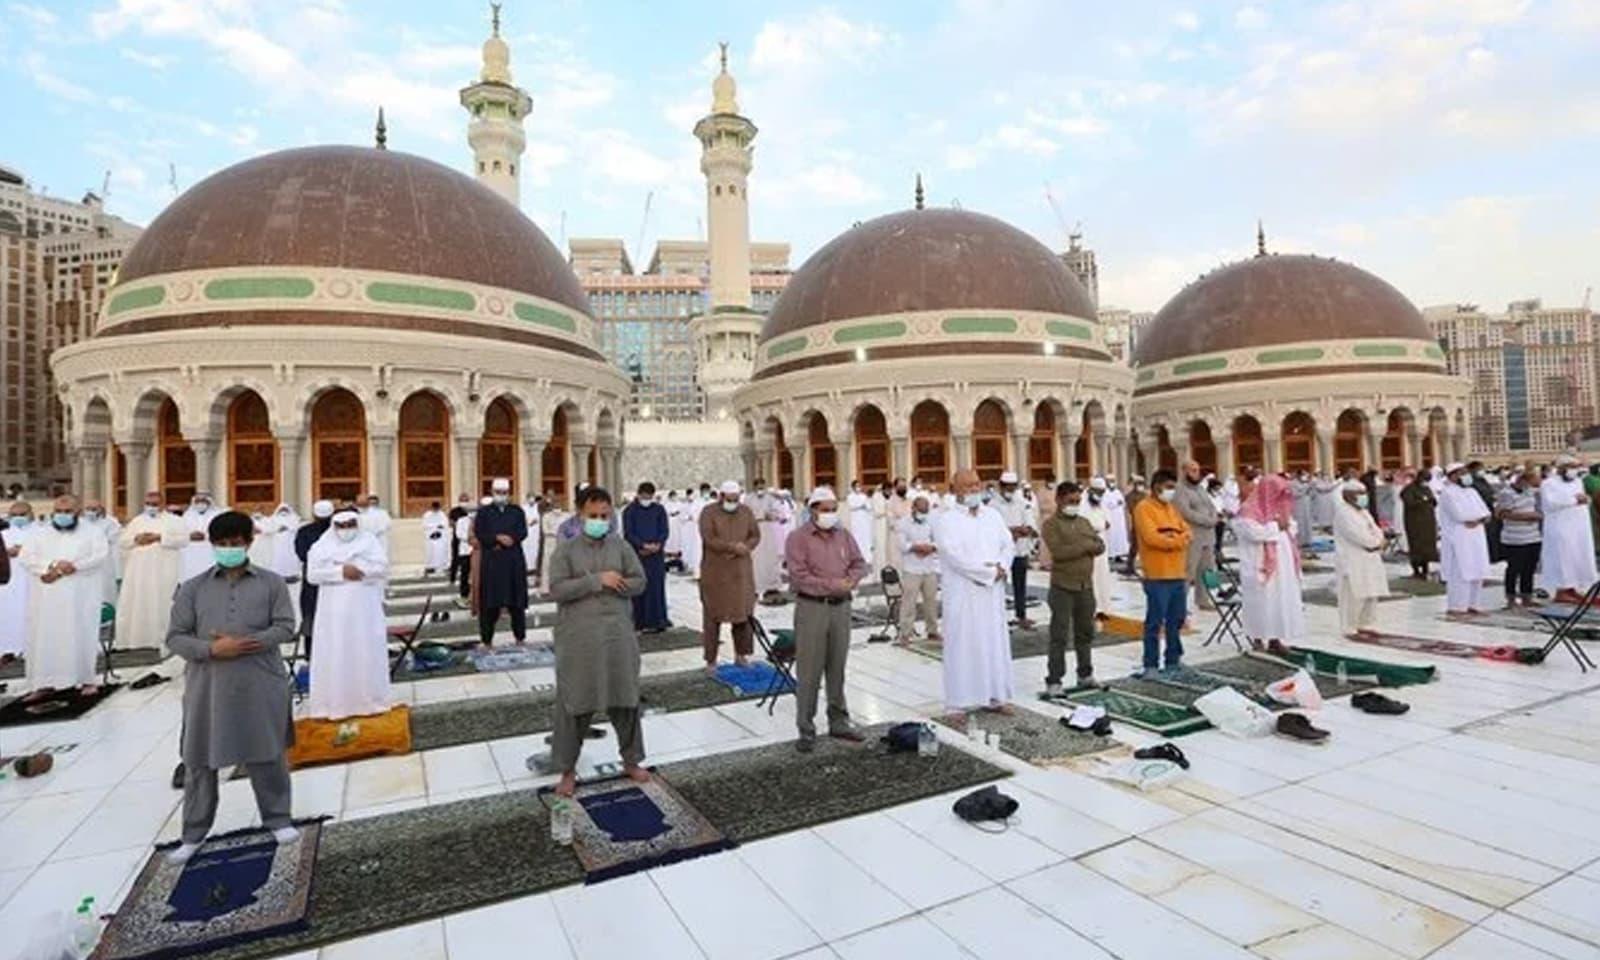 سعودی عرب میں بھی سماجی فاصلے کے ساتھ عید کی نماز ادا کی گئی—فوٹو: اے ایف پی